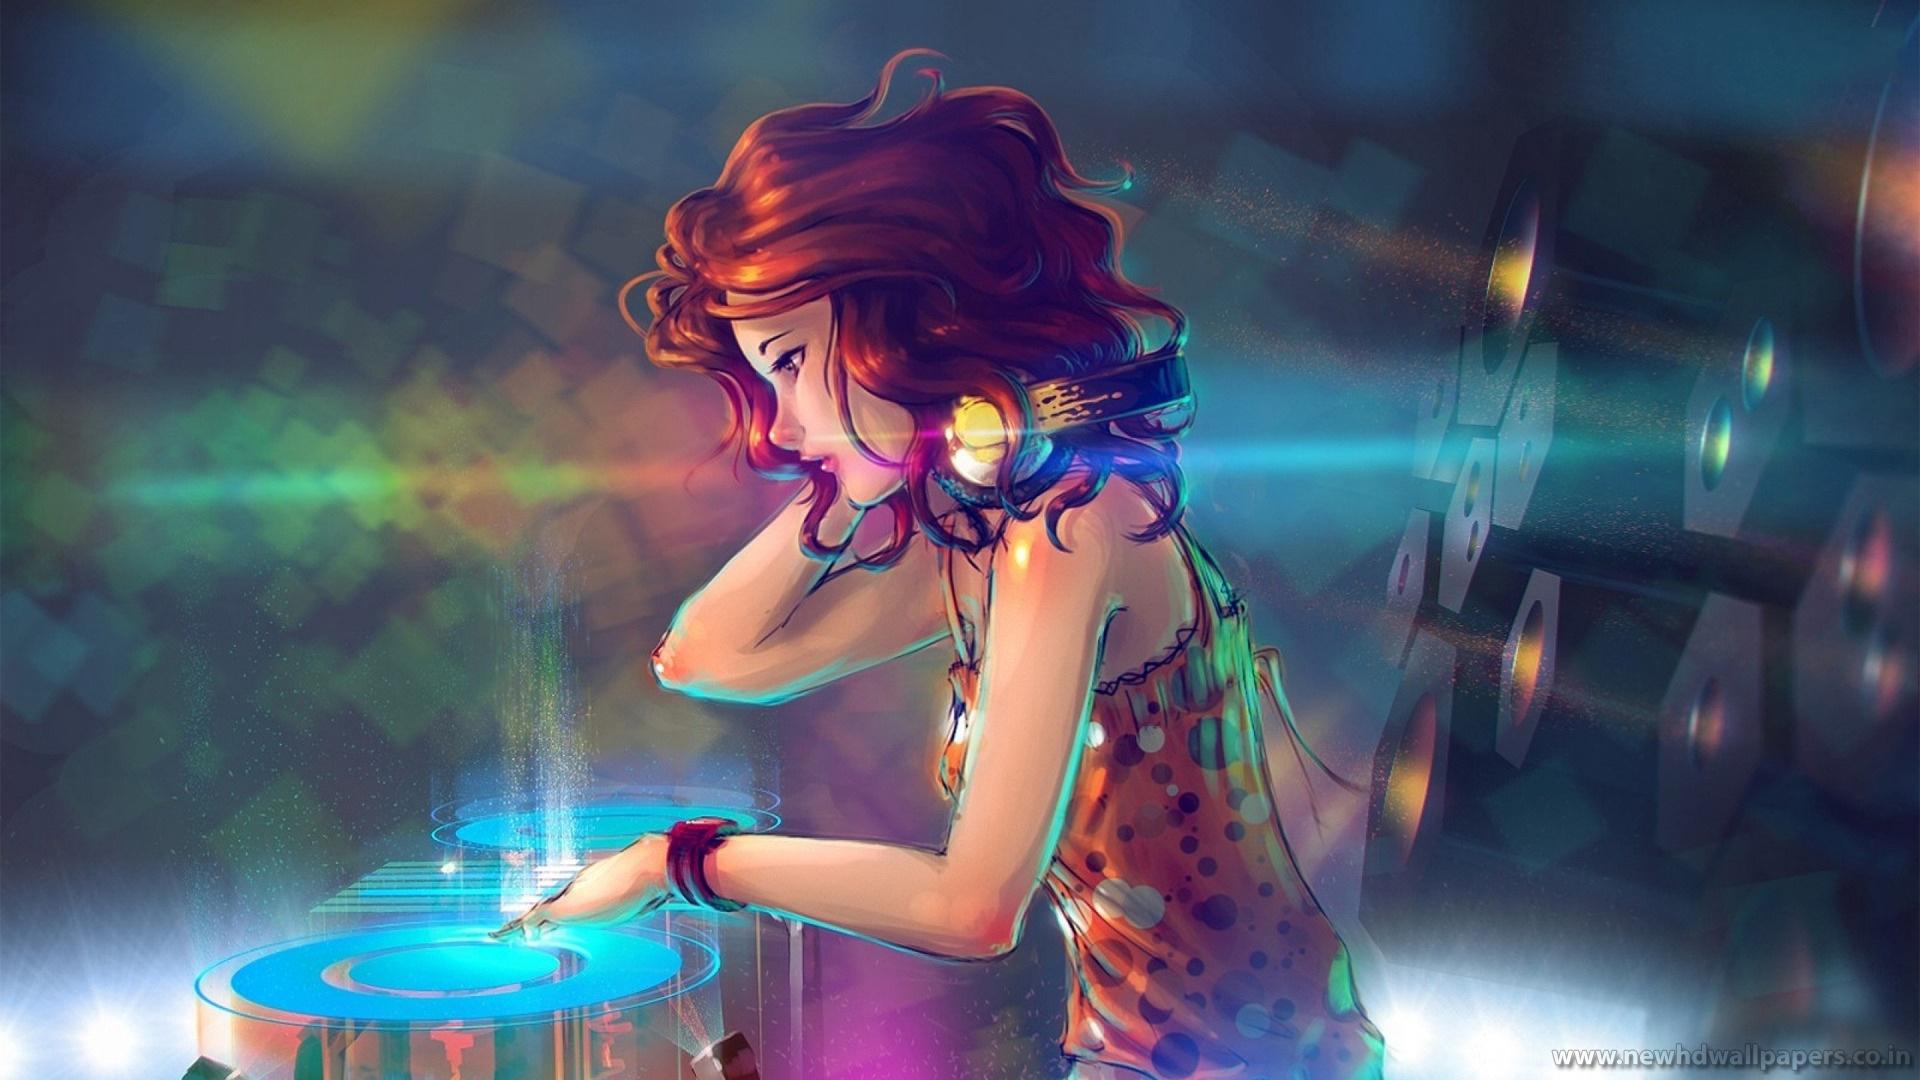 music girl wallpaper hd wallpapersafari